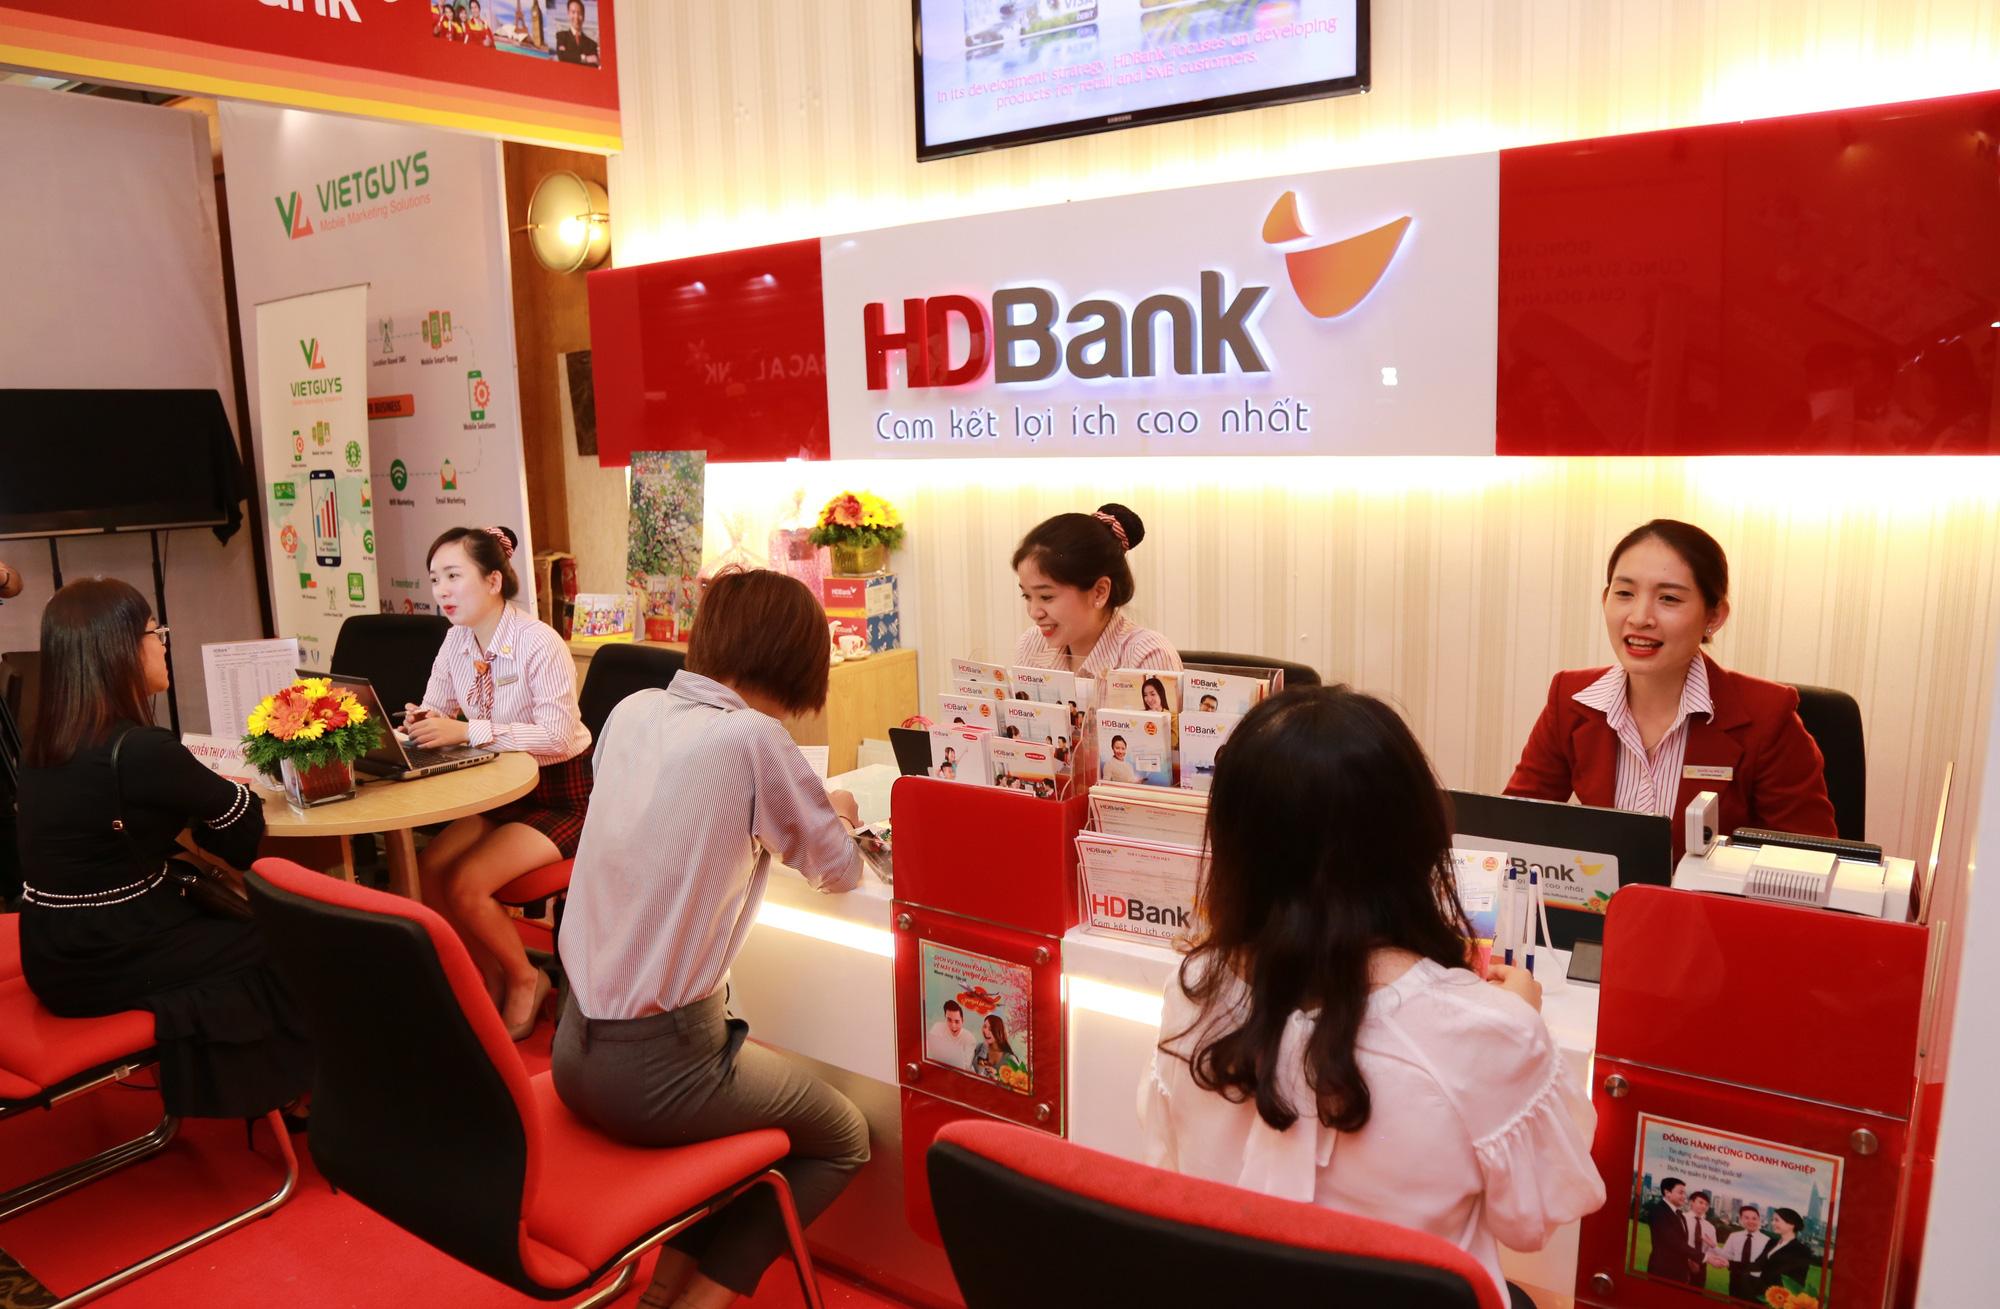 Lãi suất ngân hàng HDBank mới nhất tháng 1/2020 - Ảnh 1.